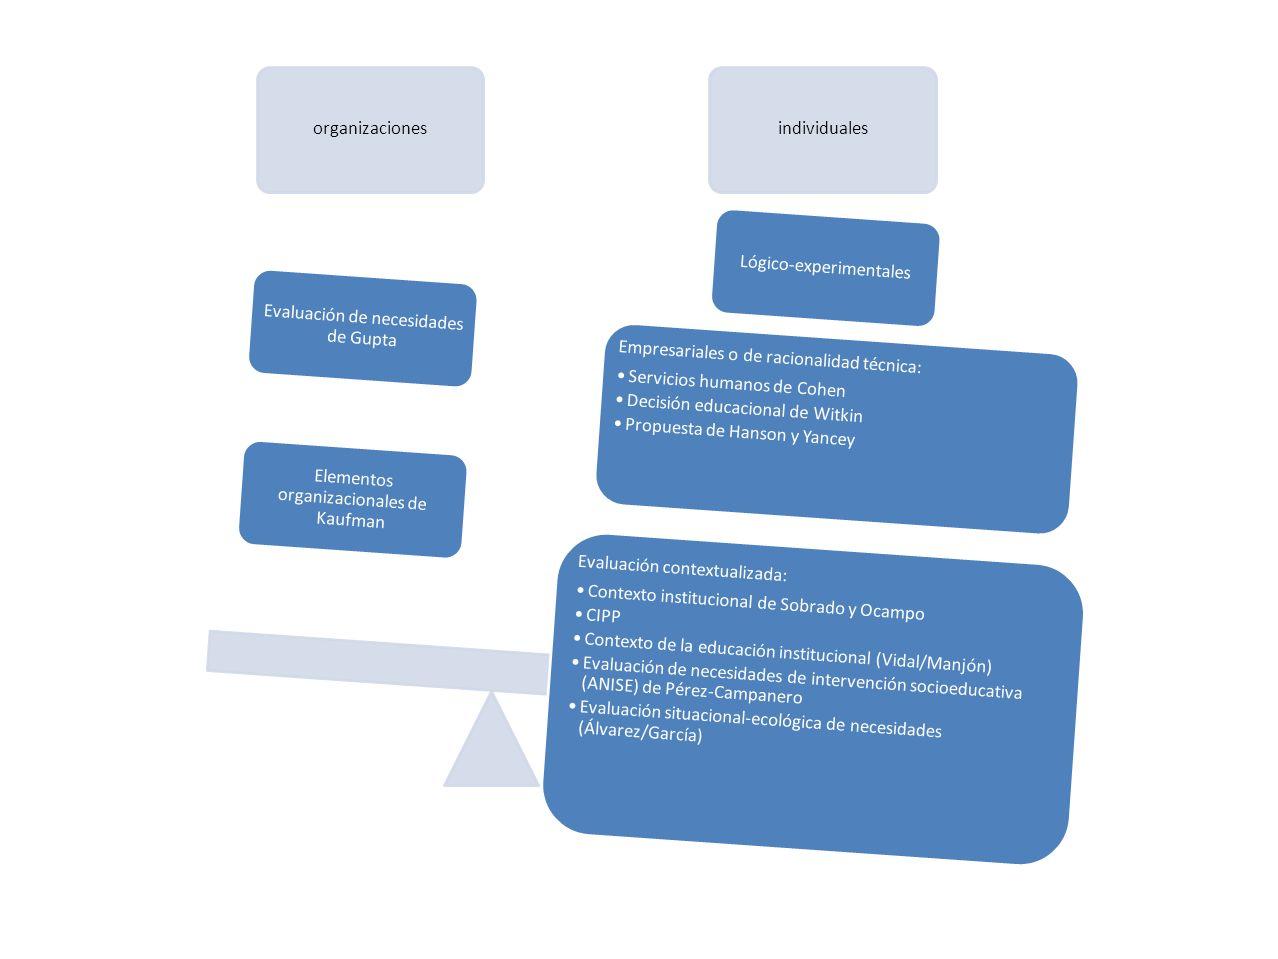 organizacionesindividuales Lógico-experimentales Empresariales o de racionalidad técnica: Servicios humanos de Cohen Decisión educacional de Witkin Propuesta de Hanson y Yancey Evaluación contextualizada: Contexto institucional de Sobrado y Ocampo CIPP Contexto de la educación institucional (Vidal/Manjón) Evaluación de necesidades de intervención socioeducativa (ANISE) de Pérez-Campanero Evaluación situacional-ecológica de necesidades (Álvarez/García) Elementos organizacionales de Kaufman Evaluación de necesidades de Gupta